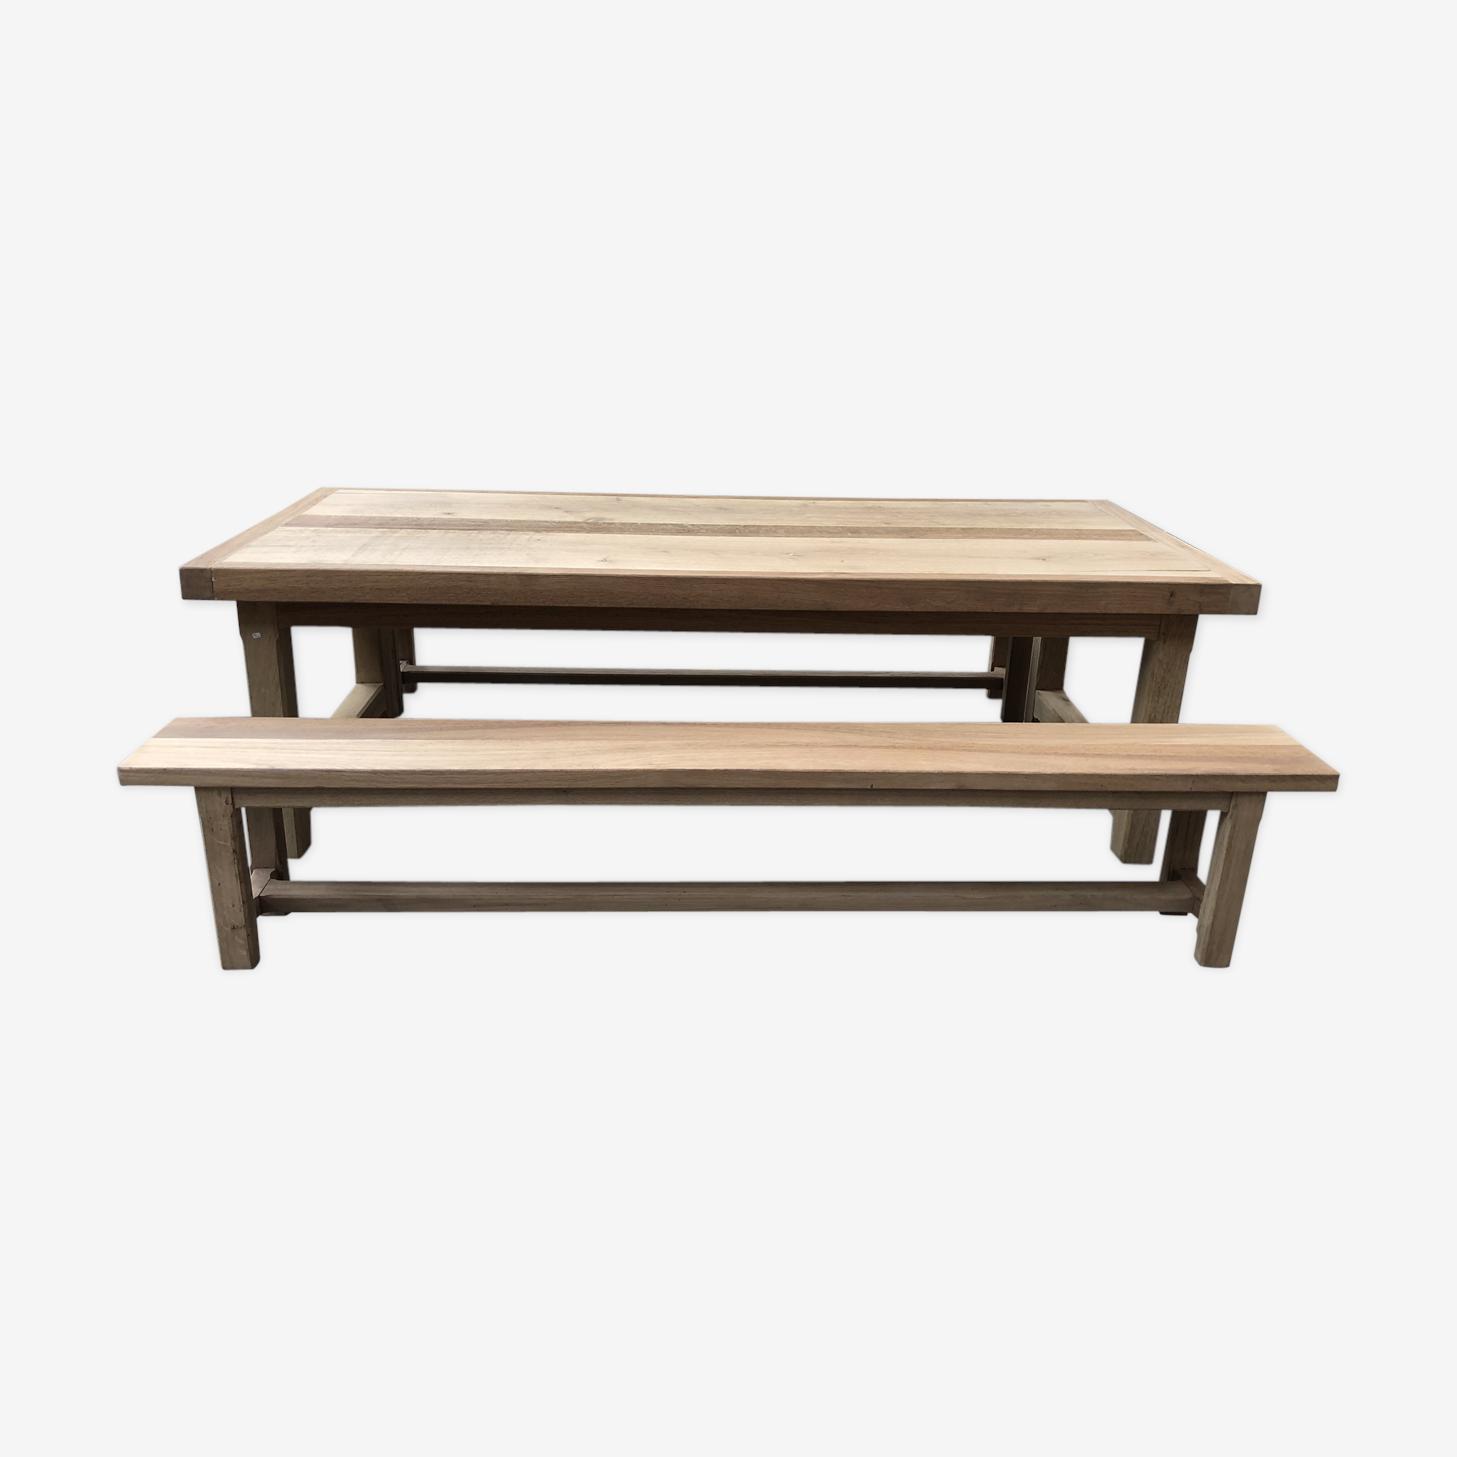 Ensemble table et bancs de ferme en chêne massif